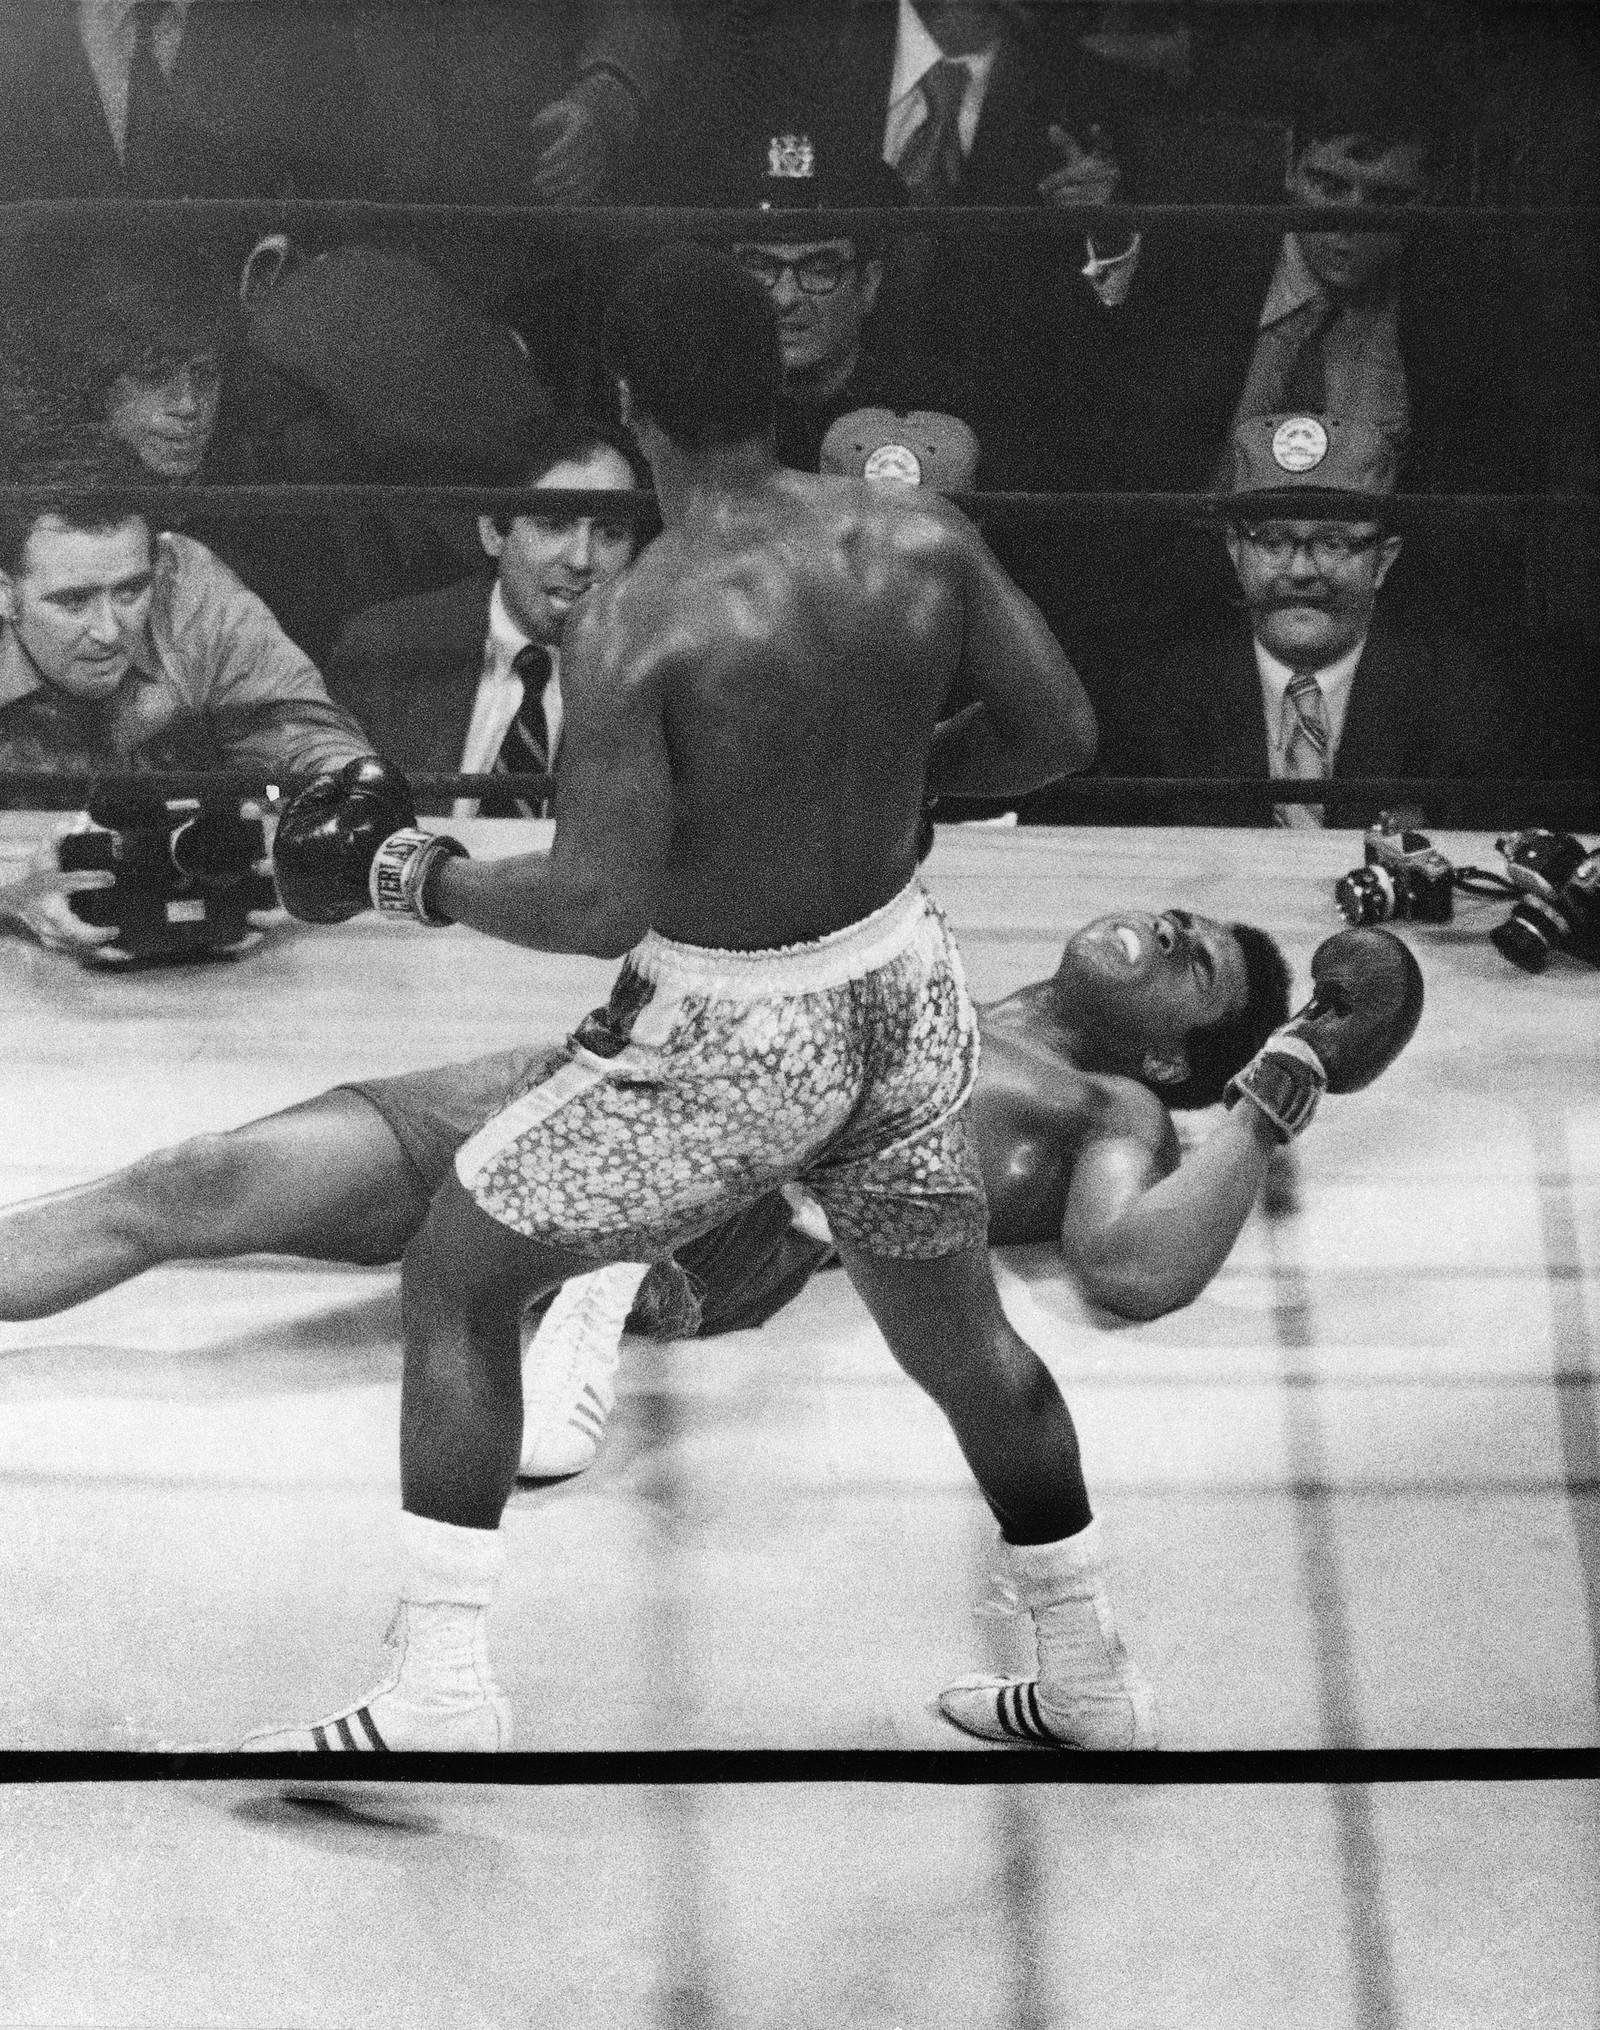 Joe Frazier og Muhammad Ali i 1971 Boxer Mohammad Ali ligger på gulvet og gjøre grimaser etter å ha blitt slått ned av tungvektsmester Joe Frazier i 15. runde, 8. mars 1971.